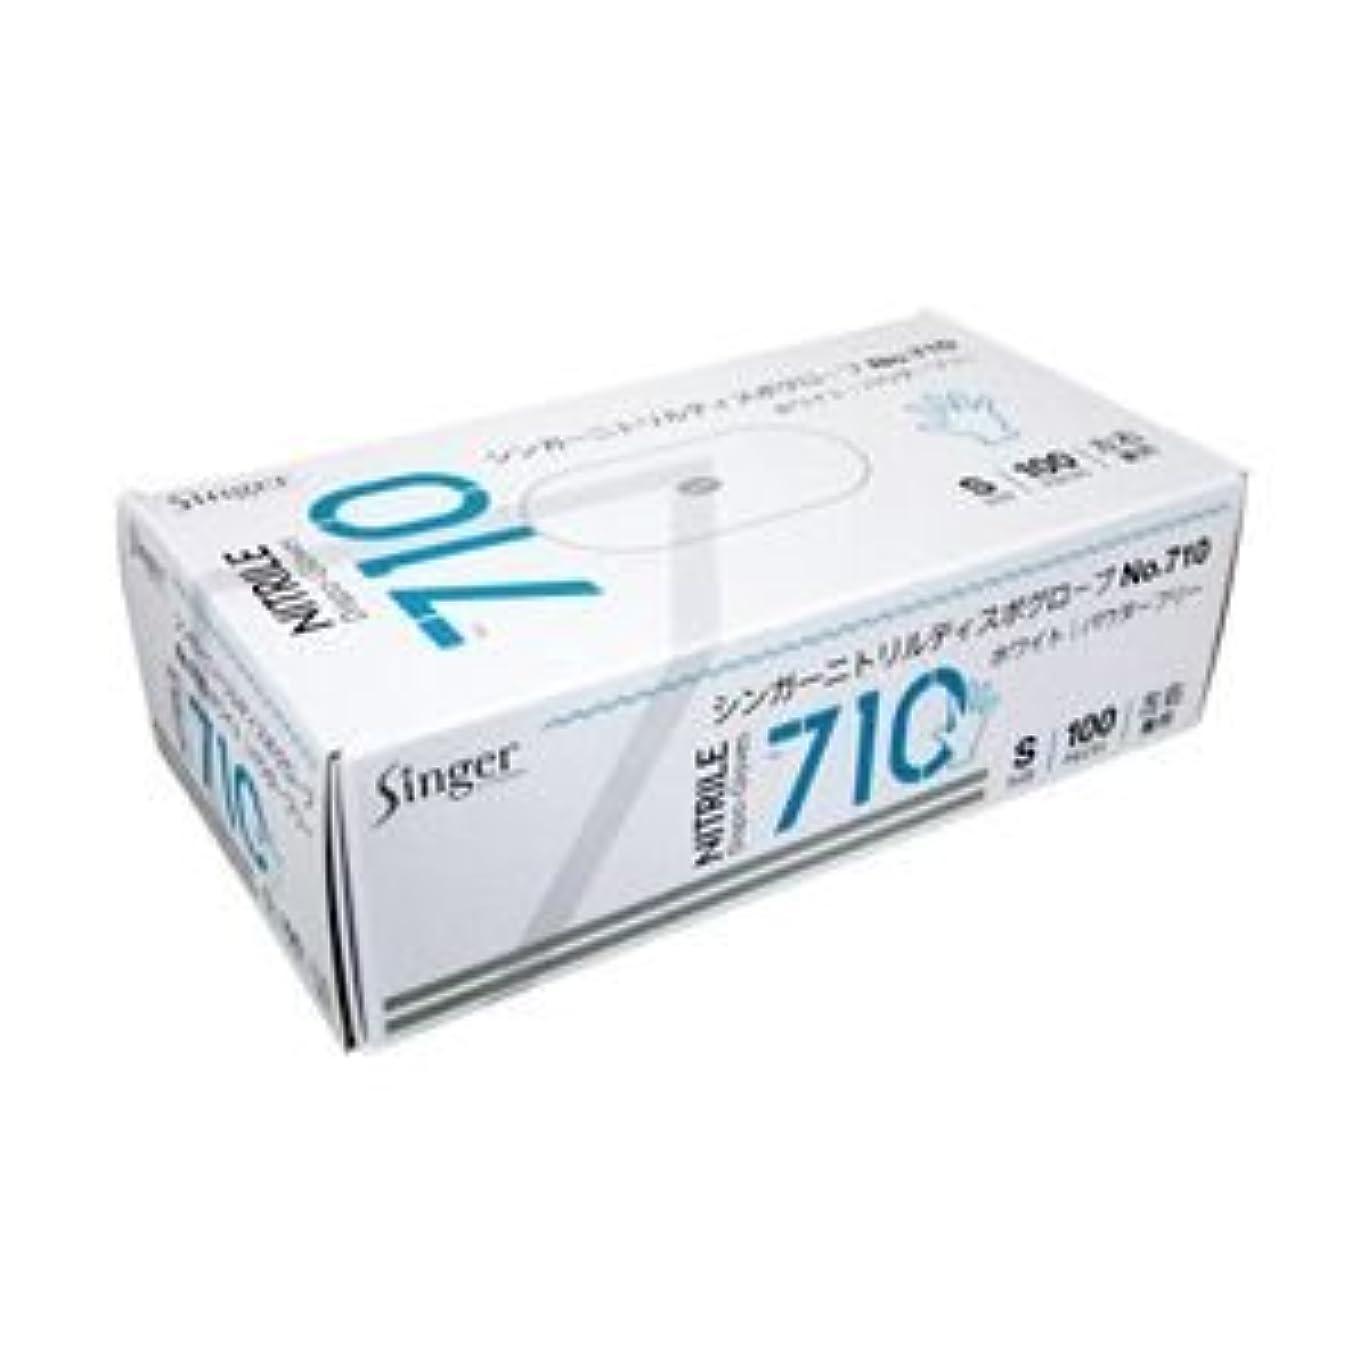 闇確かに法医学(業務用セット) 宇都宮製作 ニトリル手袋710 粉なし S 1箱(100枚) 【×5セット】